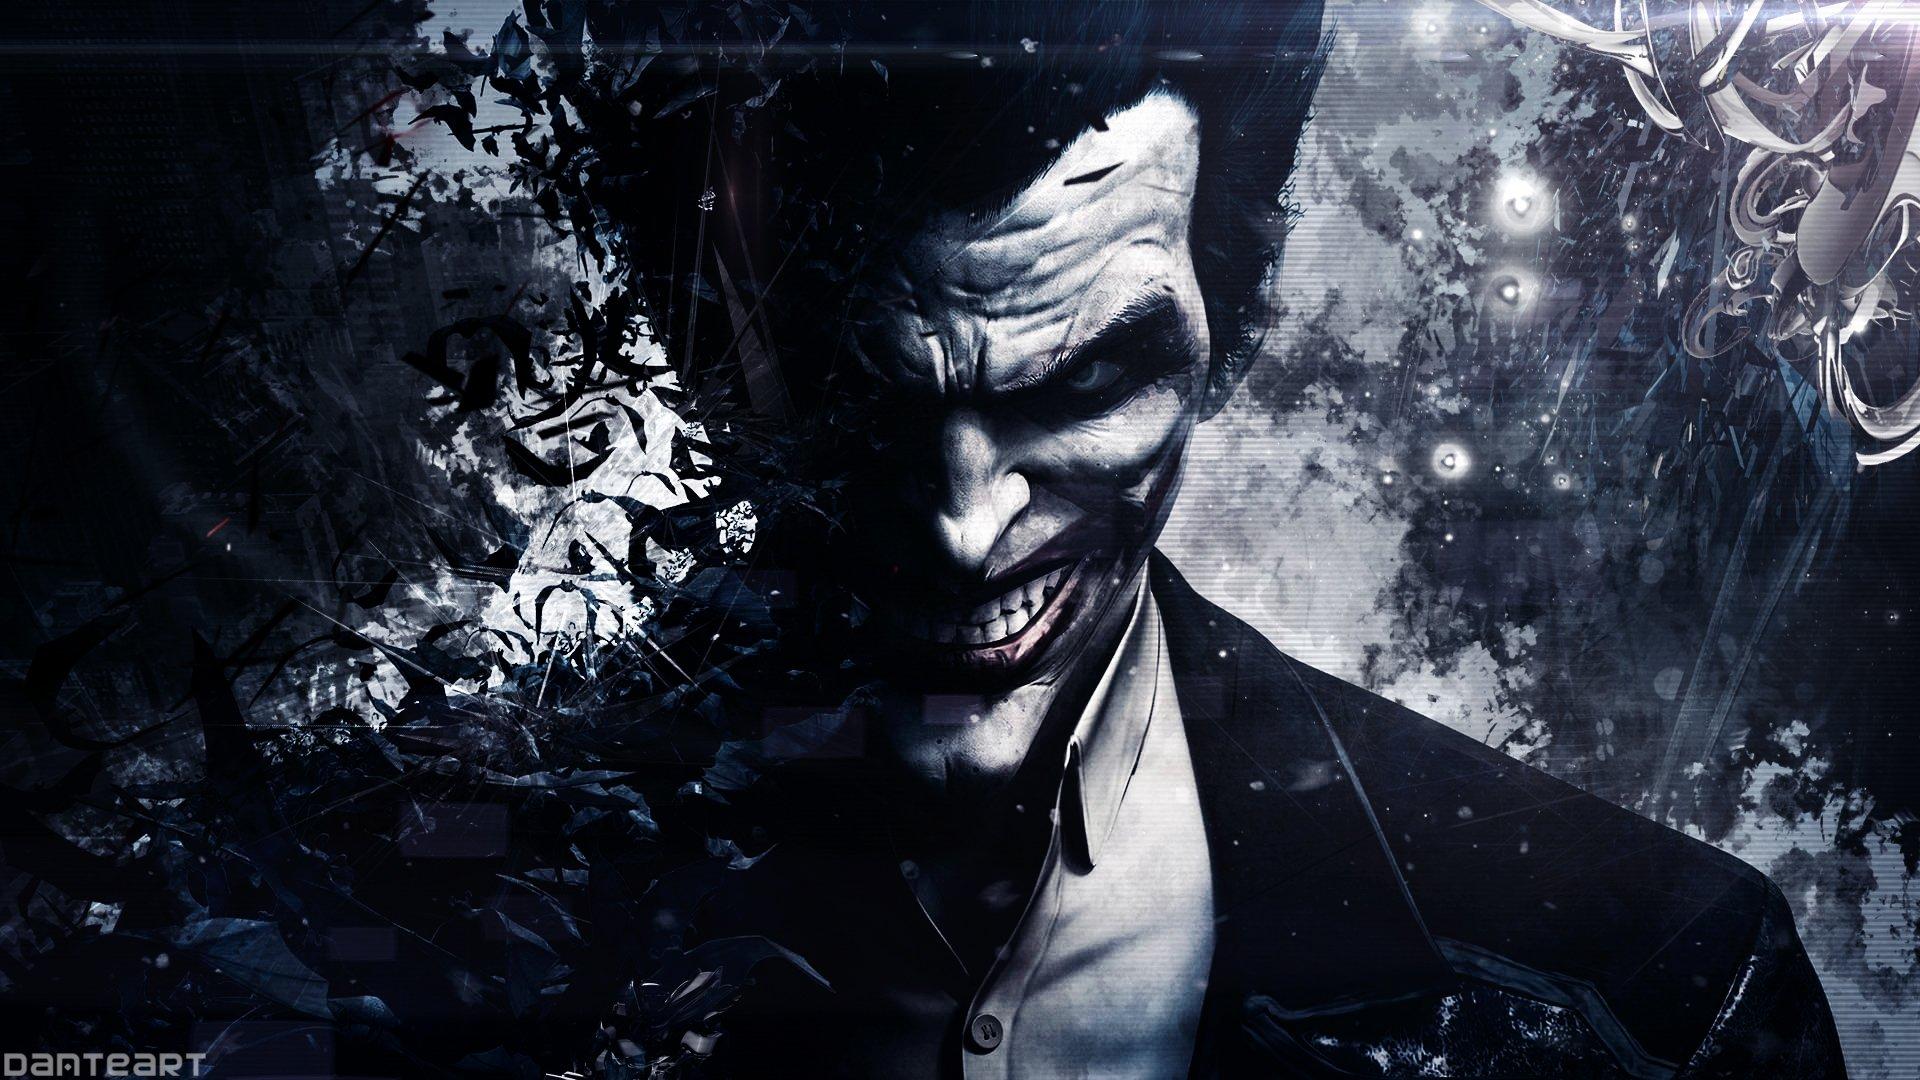 Batman Arkham Origins Joker Wallpaper by DanteArtWallpapers on 1920x1080